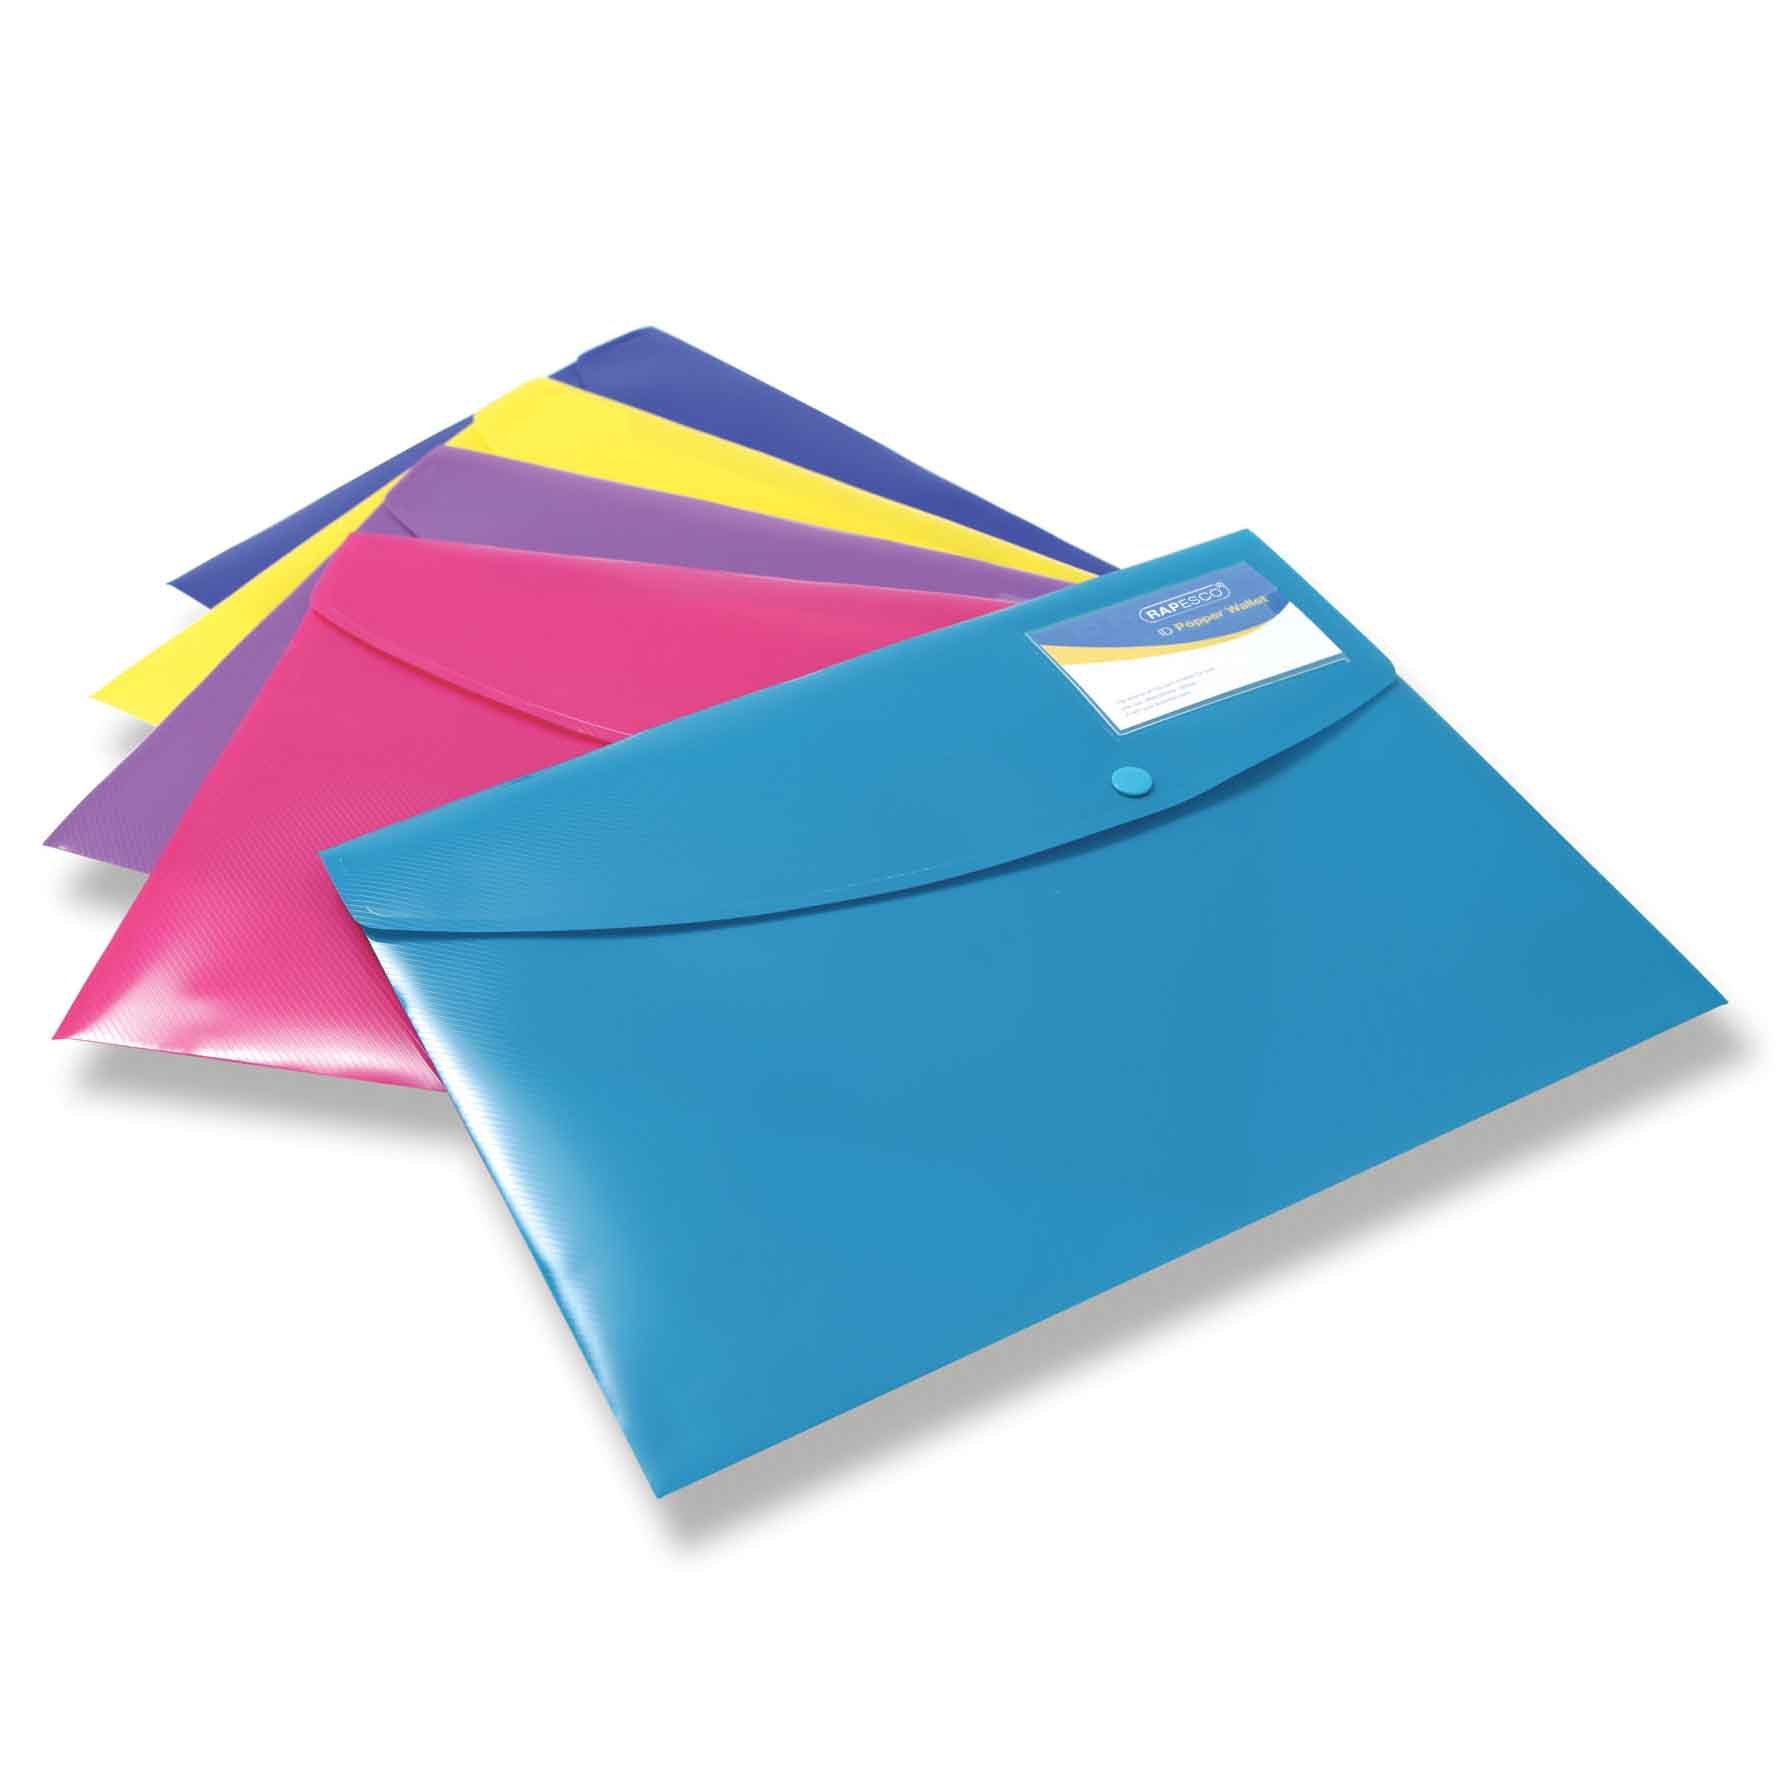 Rapesco documentos - Carpeta portafolios A4+ con soporte para tarjeta, colores sólidos. 5 unidades